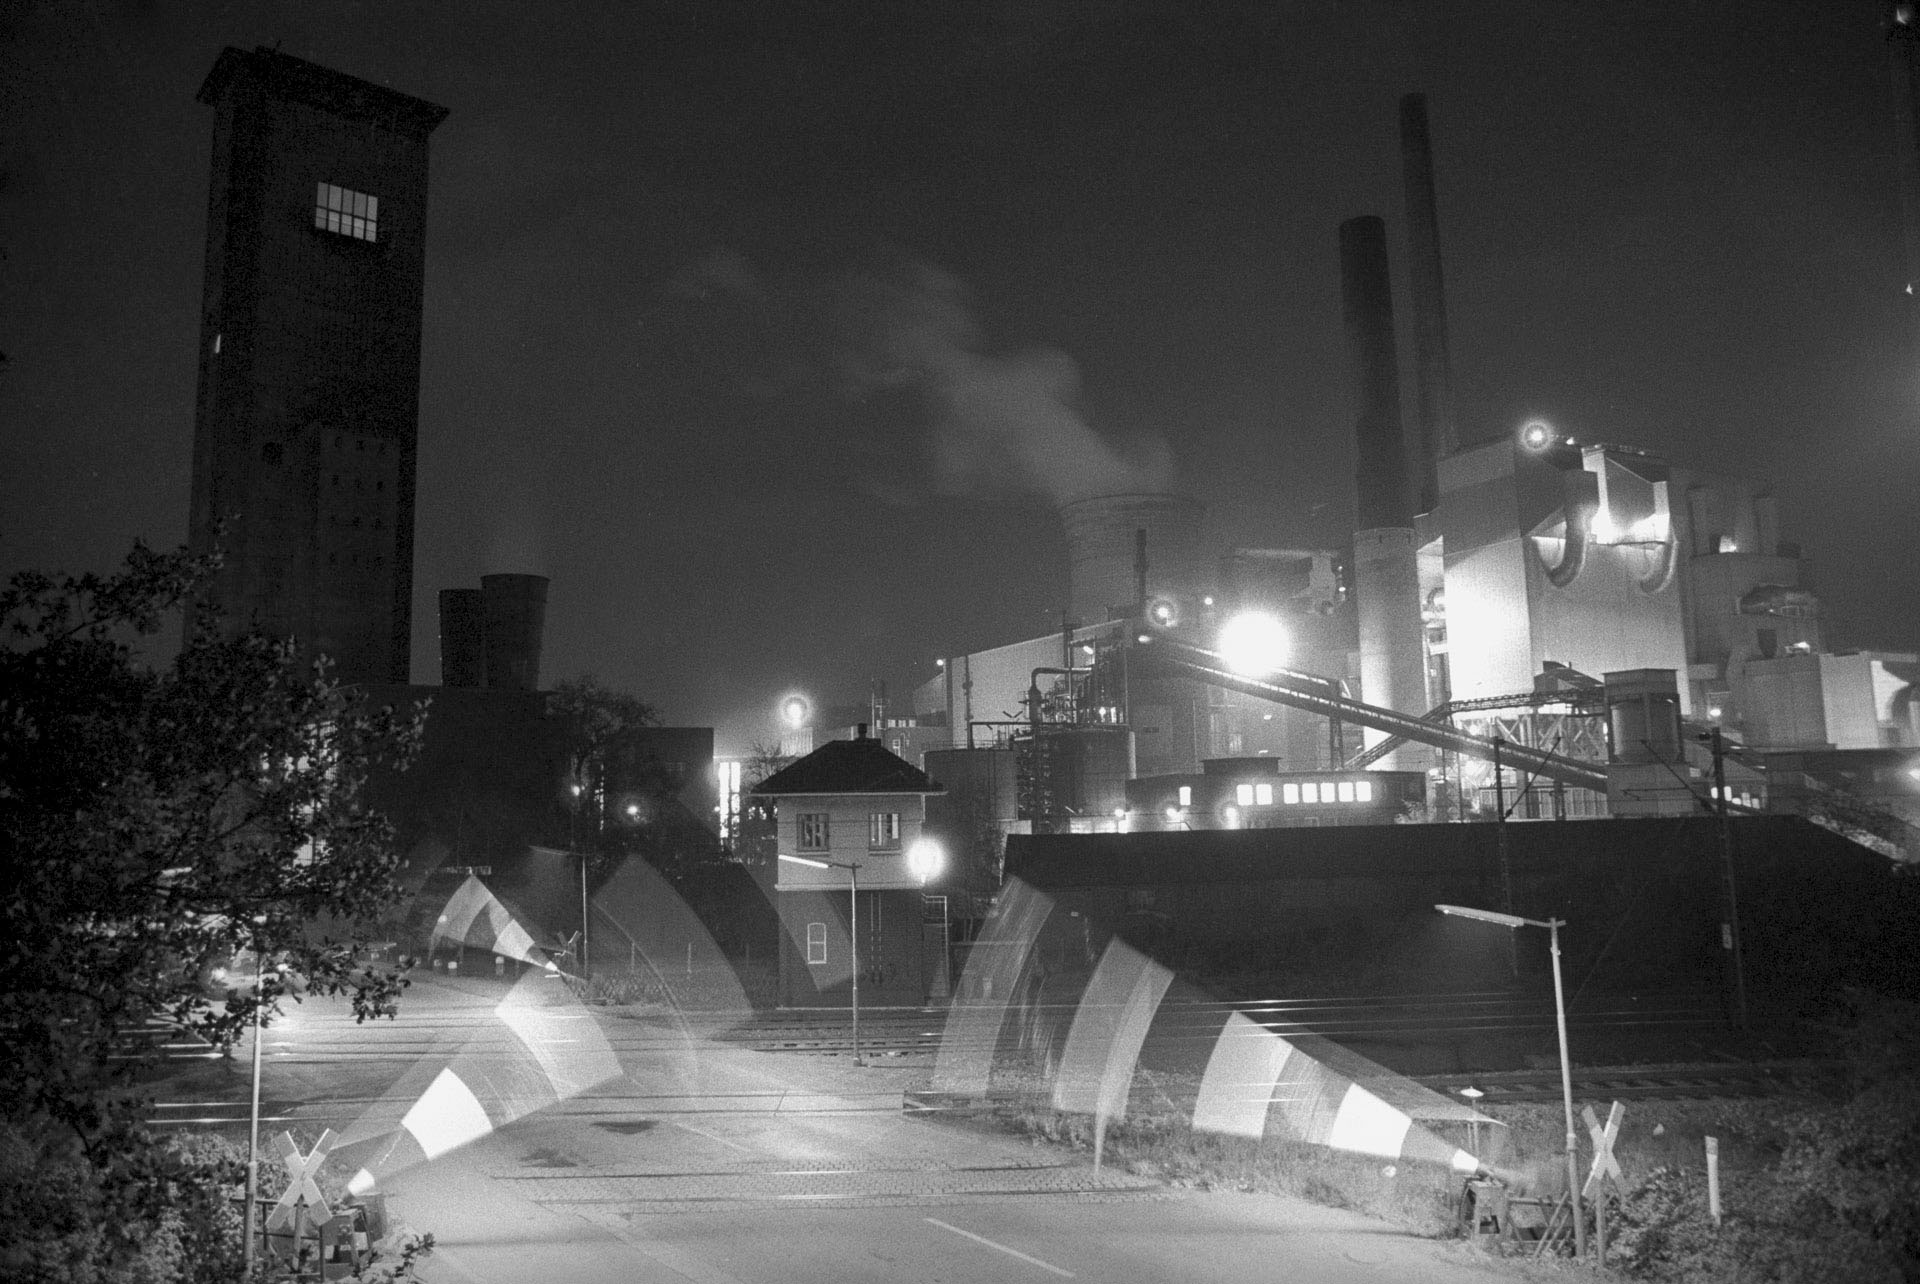 Industrie, Arbeitersiedlung, Zeche, Arbeiter, Strukturwandel, , Umweltverschmutzung